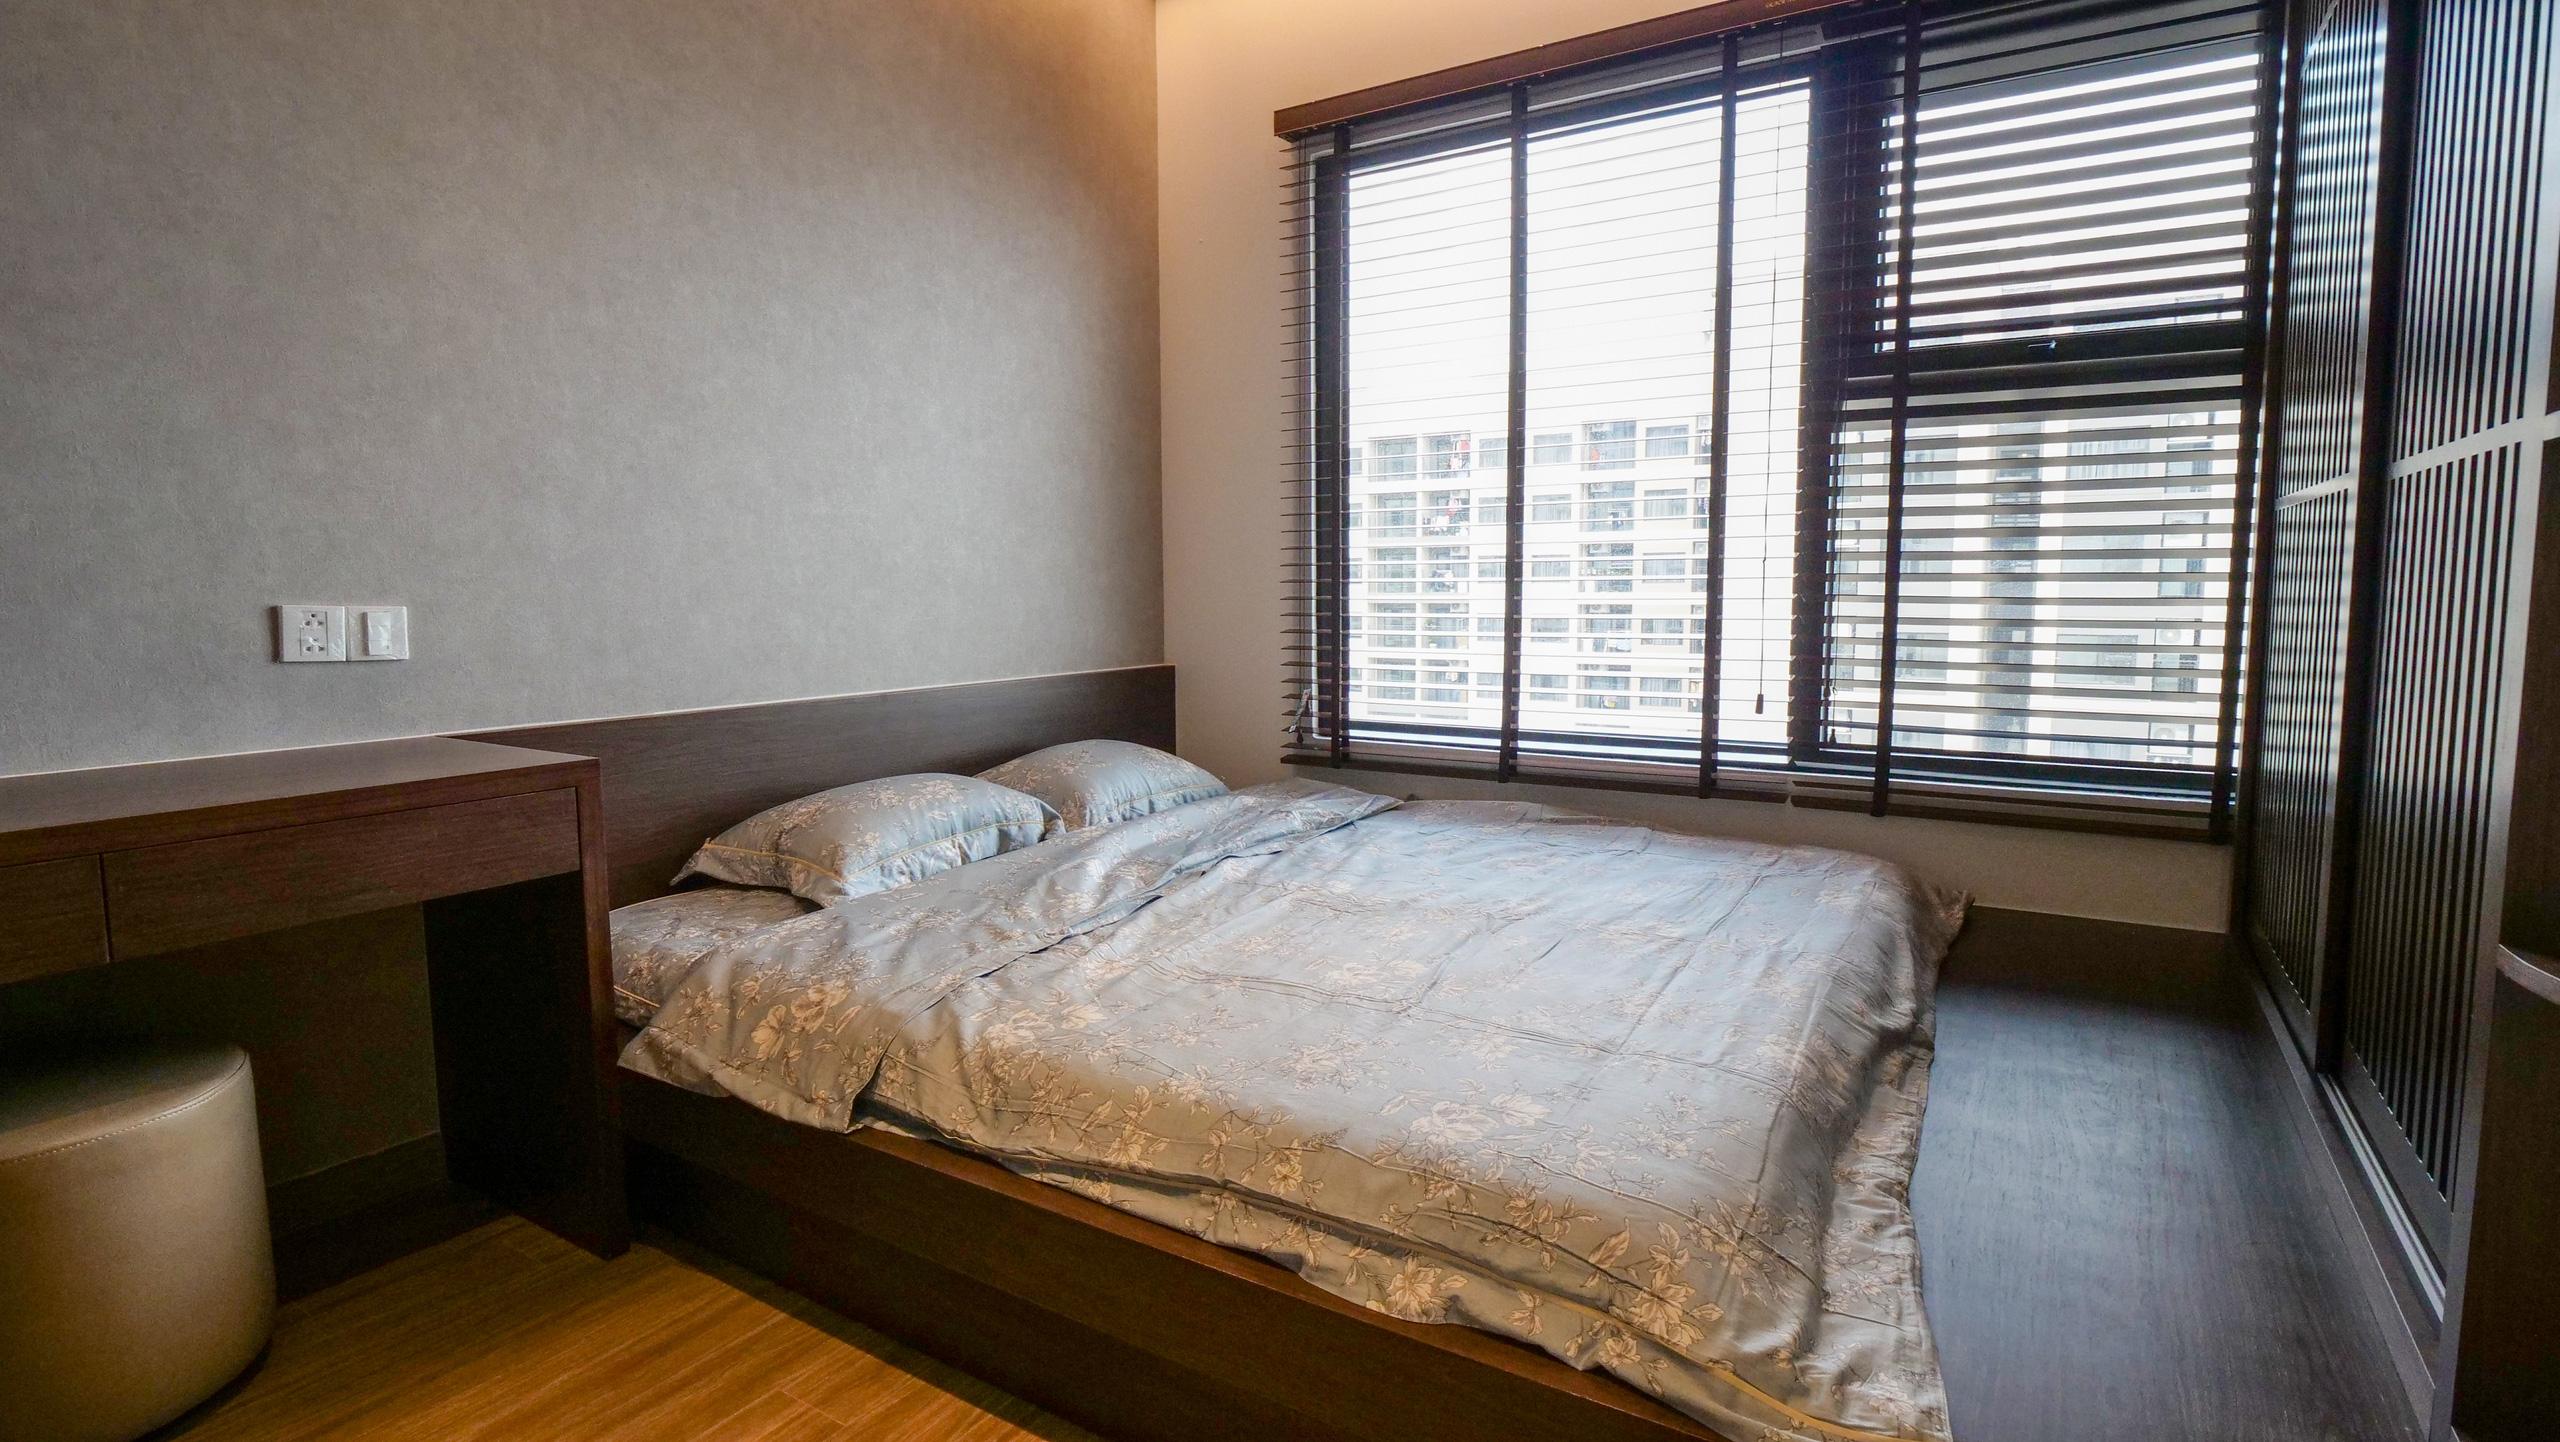 Căn hộ Vinhomes với phong cách Nhật Bản tinh tế và tiện nghi, ăn tiền nhất là view đắt giá bao trọn VinUni - Ảnh 9.